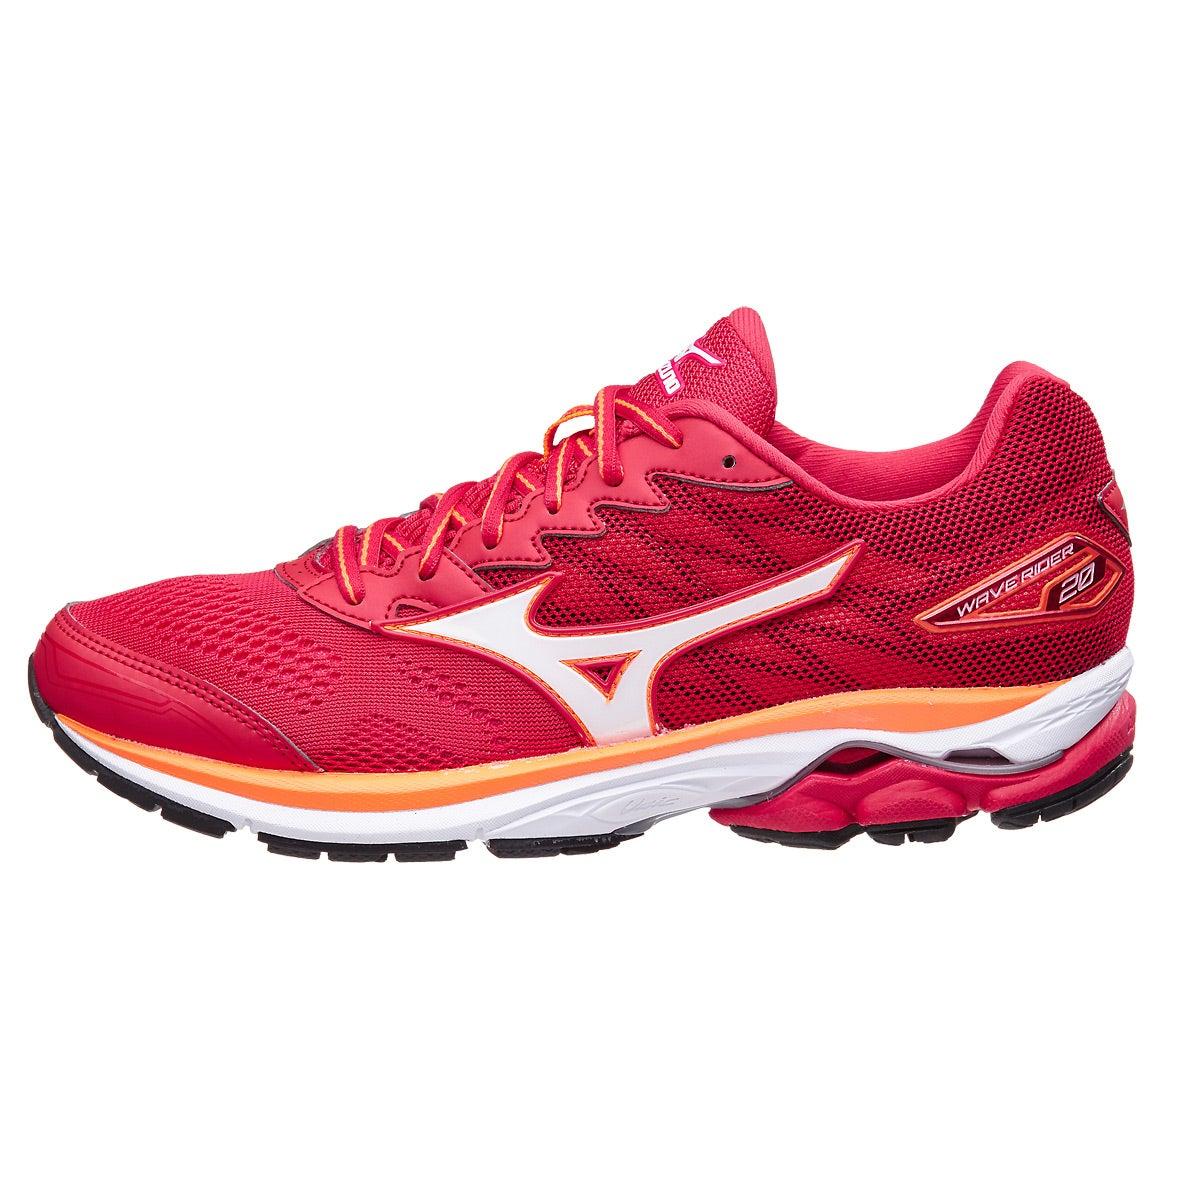 Mizuno Shoes Running Warehouse